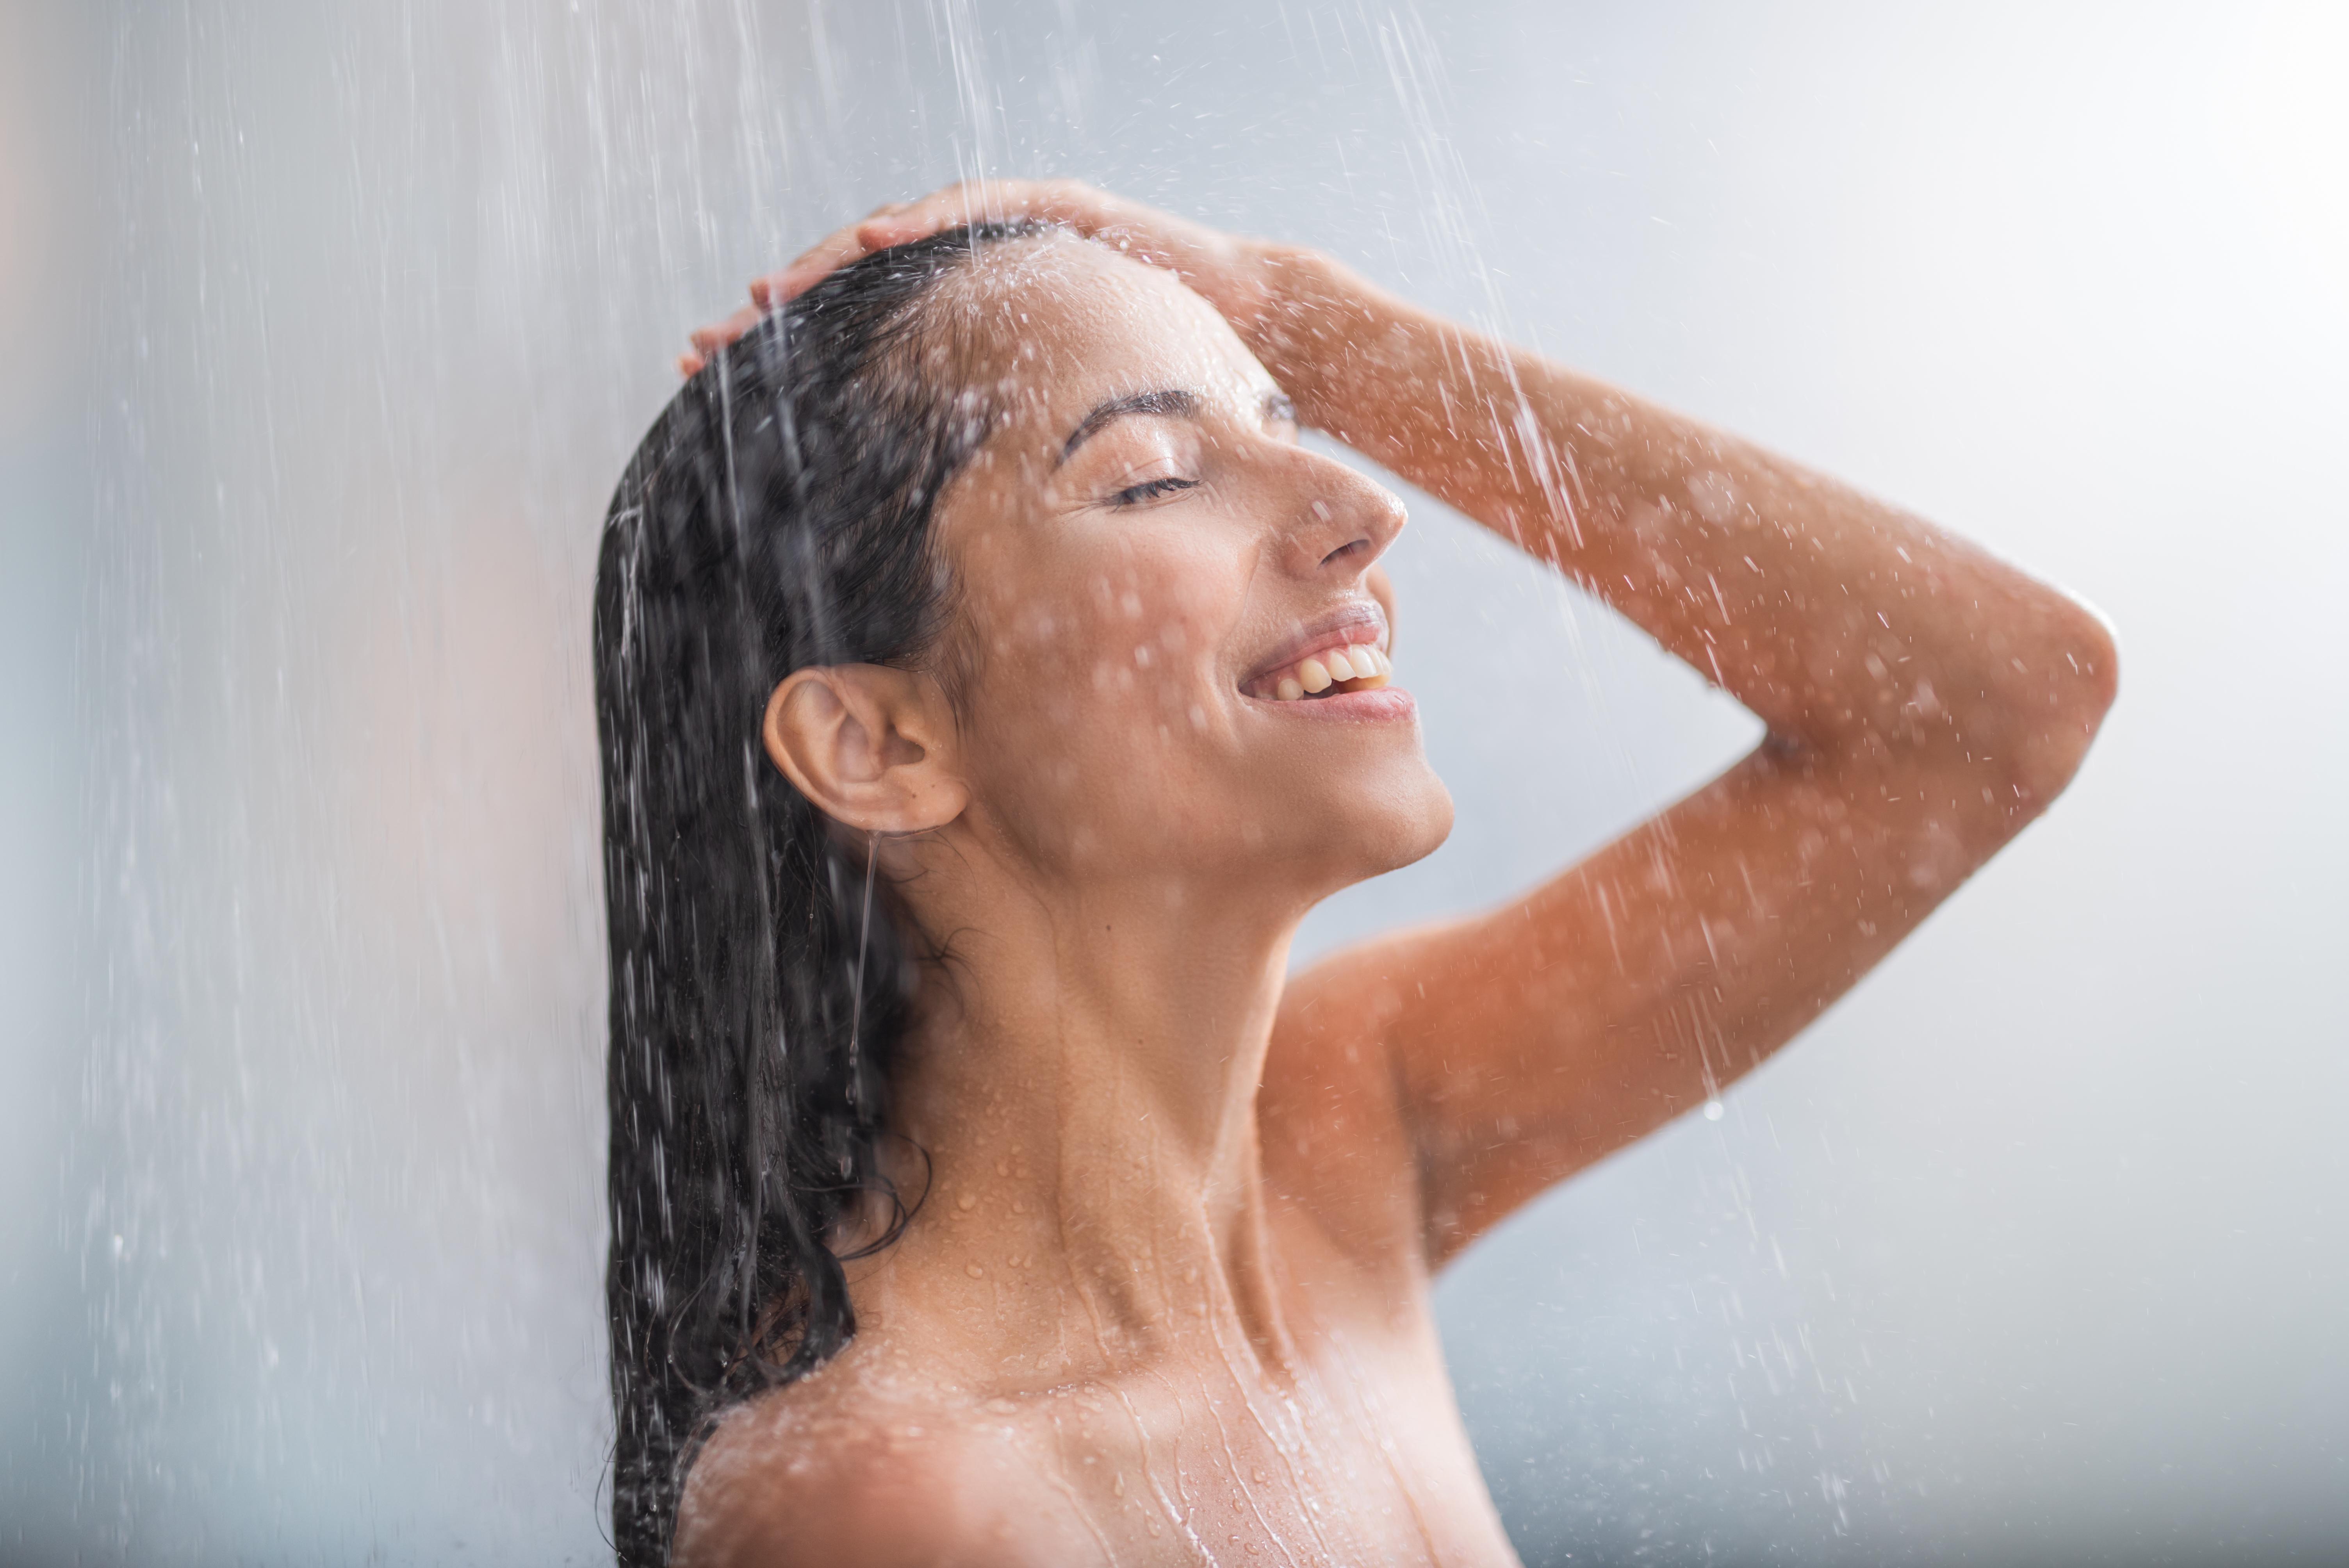 <p><strong>Подобрява настроението</strong></p>  <p>Освен че повишава енергията ви, студеният душ подобрява и настроението. Норепинефринът, отделян при студен душ, има положителен ефект върху настроението. Прави ви по-малко податливи на безпокойство, тревожност и депресия.&nbsp;Поради високата плътност на рецепторите за студ, разположени по кожата, студеният душ изпраща голямо количество електроимпулси към нервните окончания. Тези сигнали стигат до мозъка и оказват антидепресивен ефект.</p>